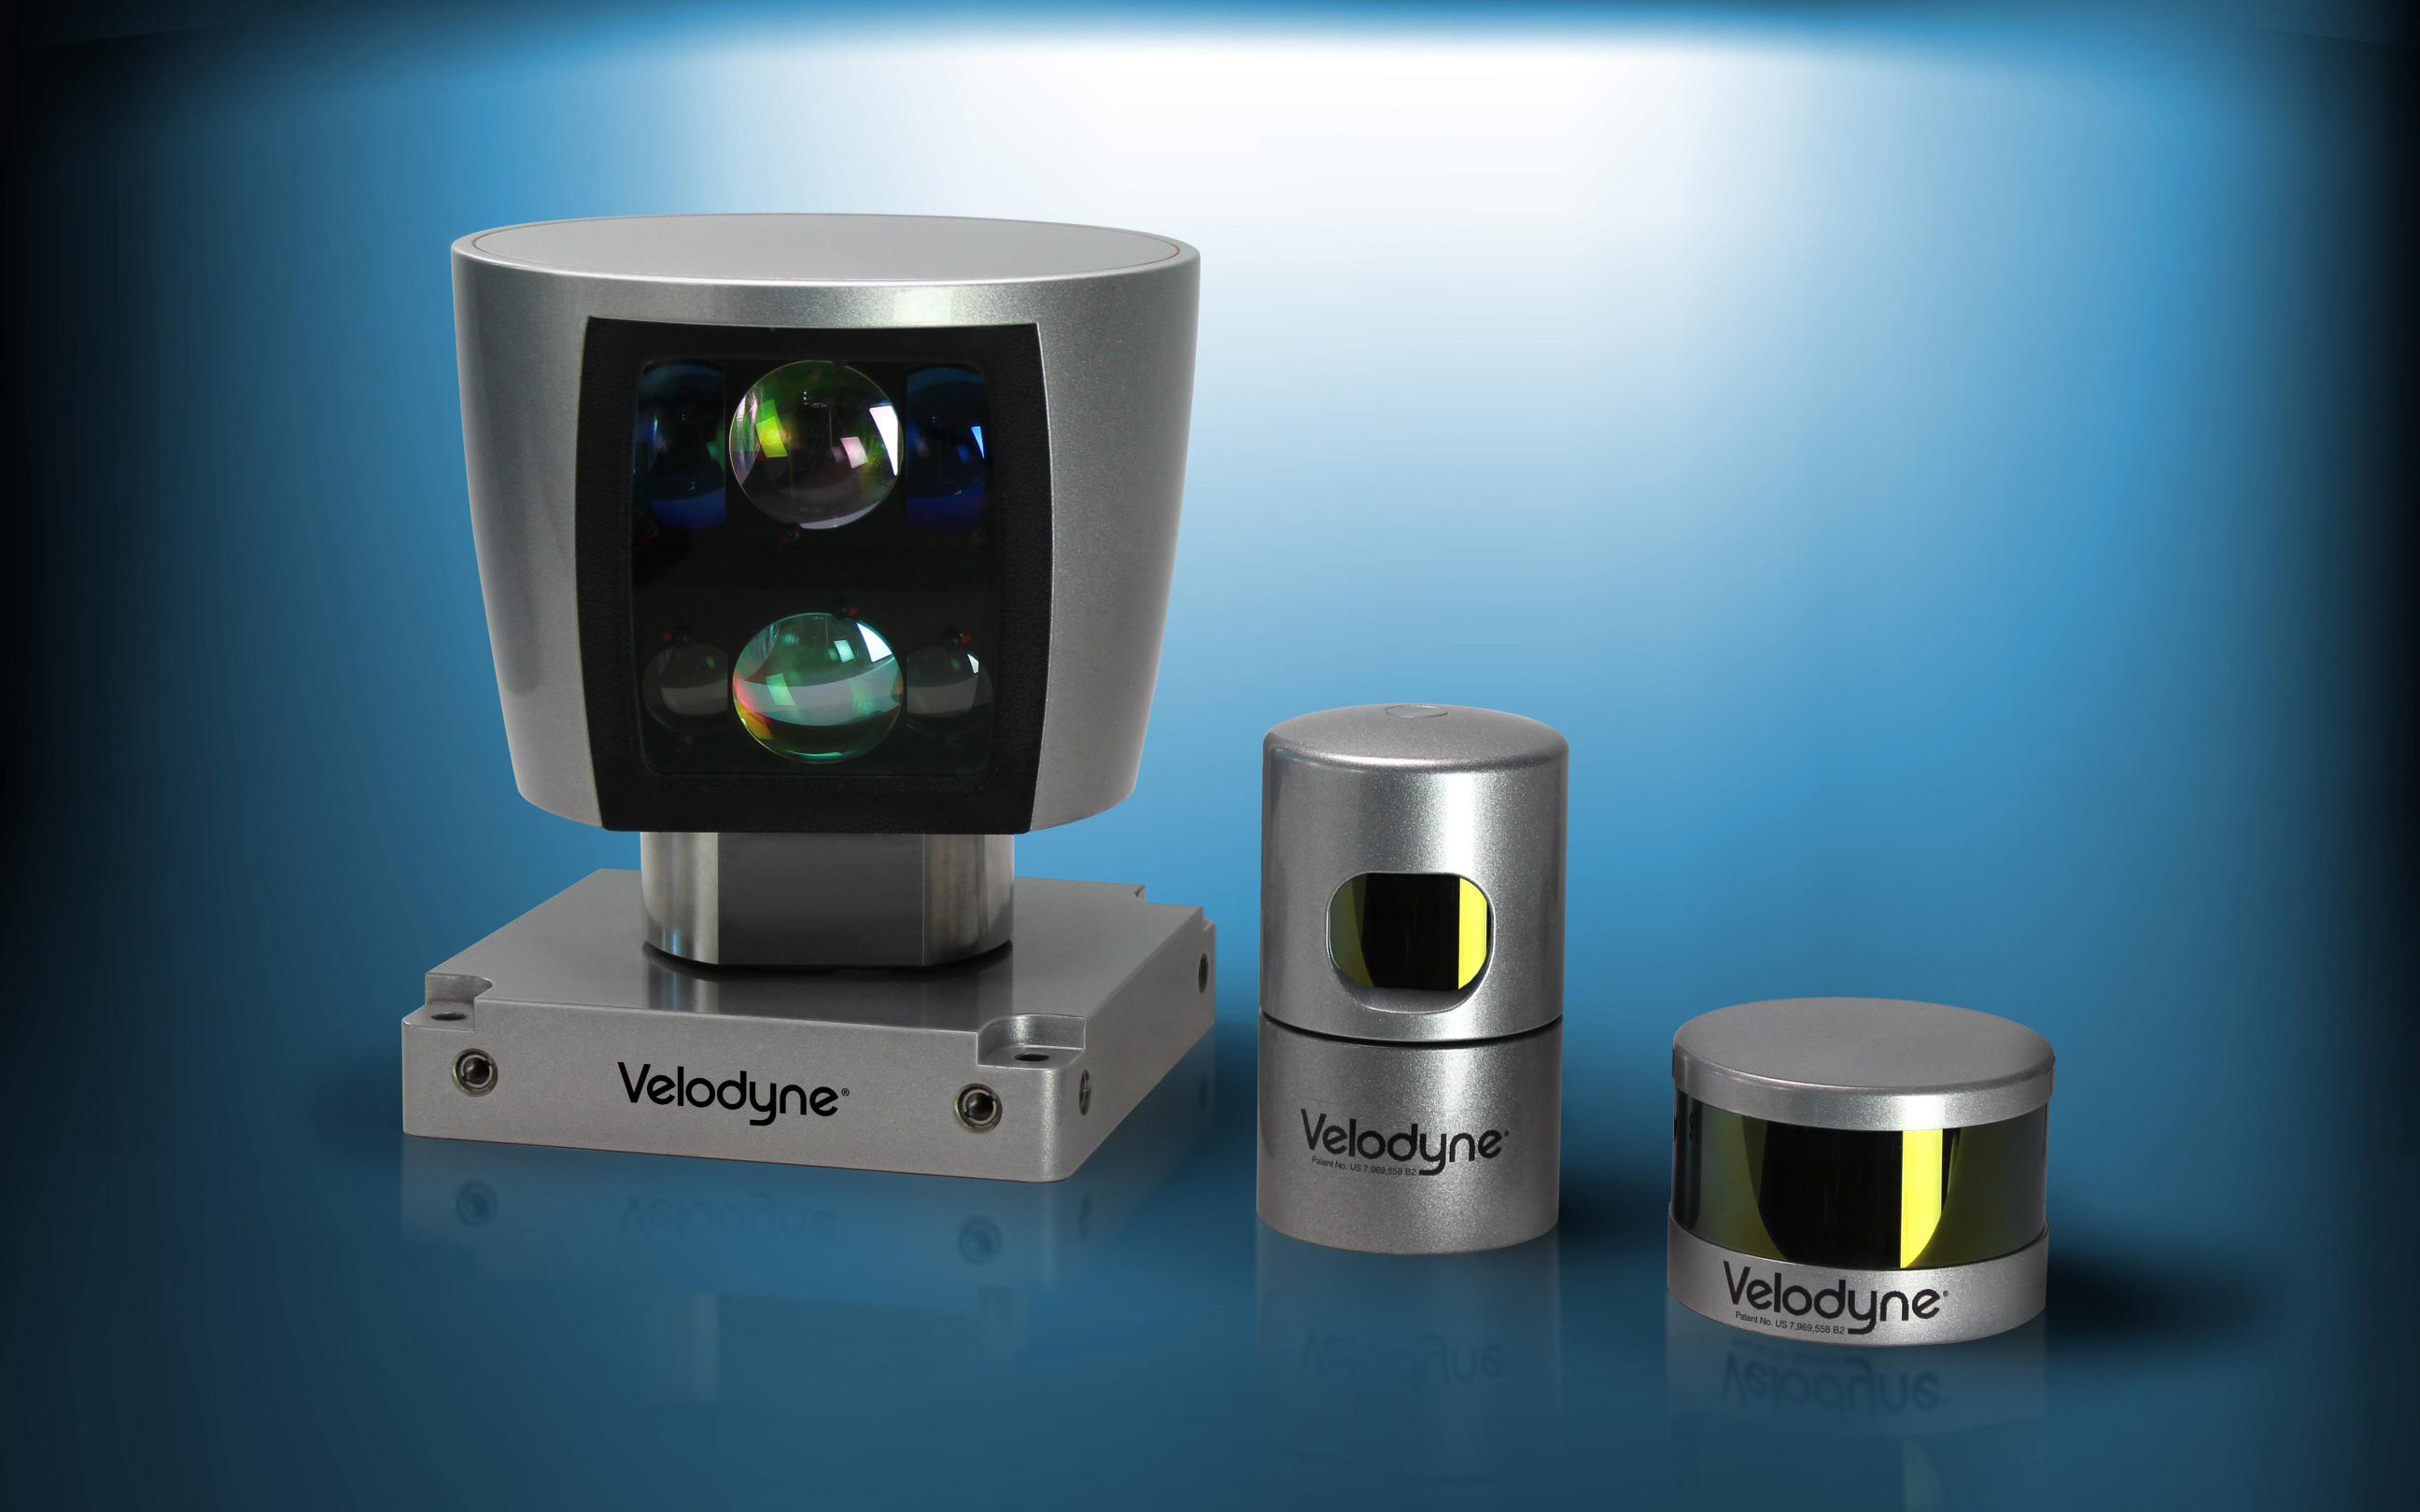 Velodyne Lidar sensors